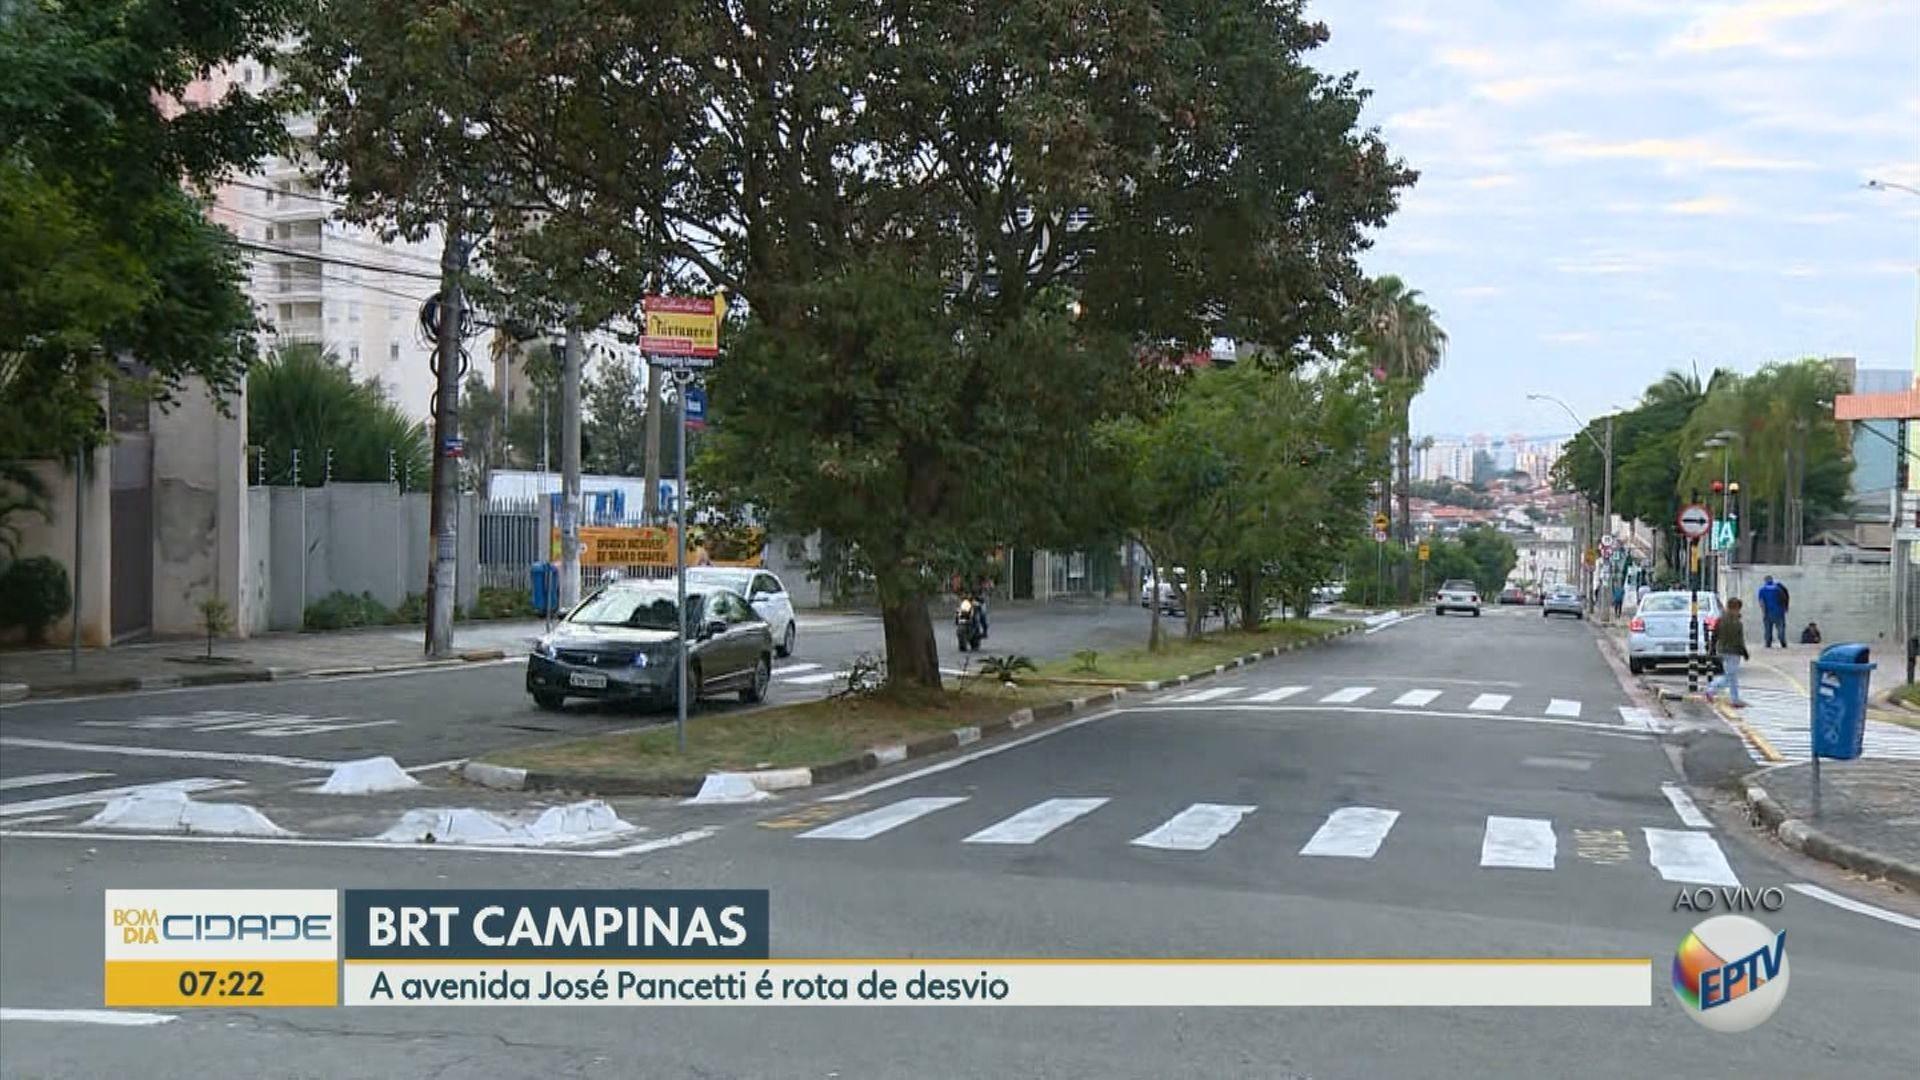 VÍDEOS: Bom Dia Cidade região de Campinas de segunda-feira, 17 de junho